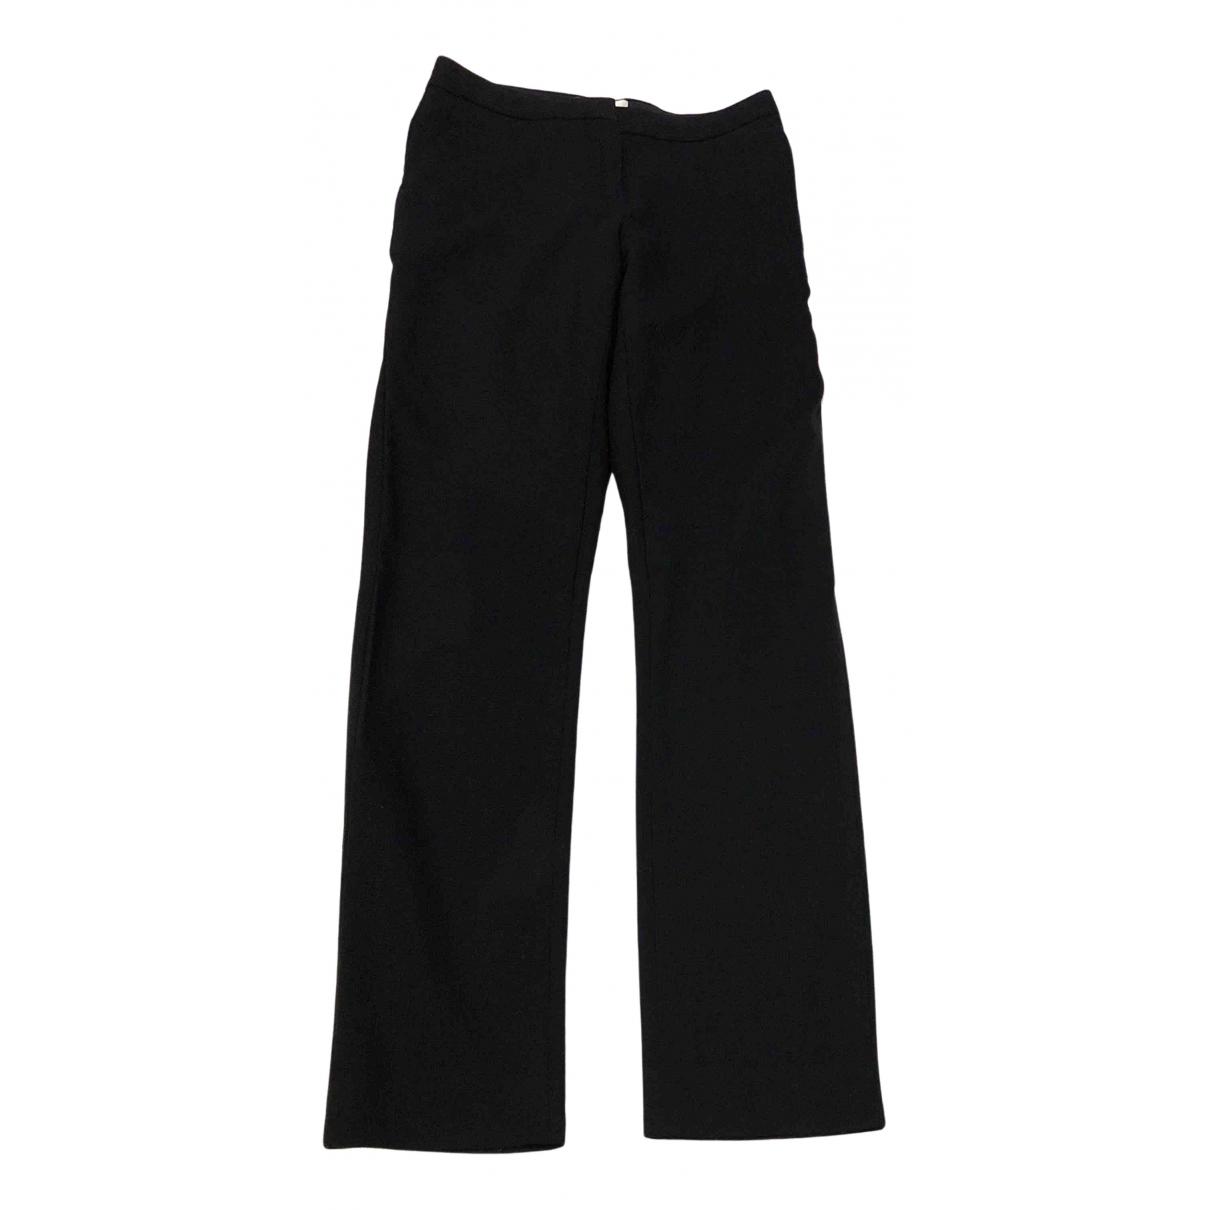 Reiss \N Black Wool Trousers for Women 8 UK